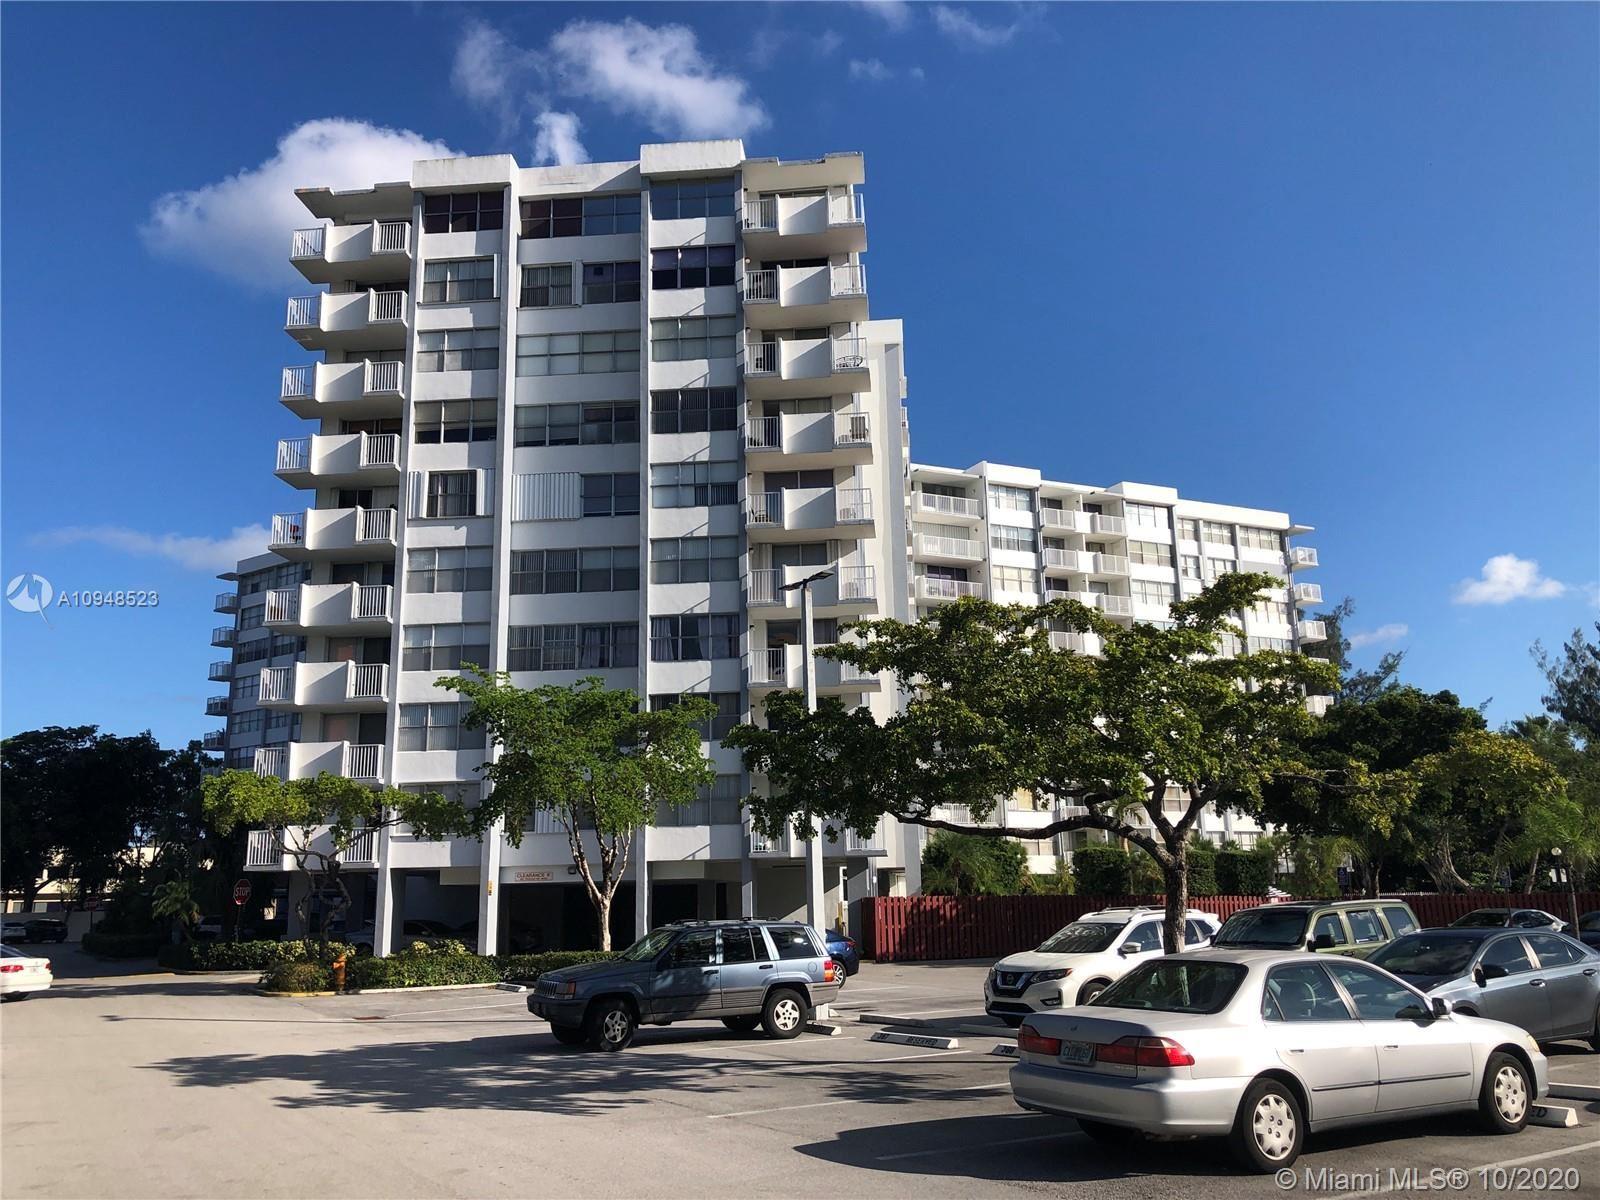 1300 NE Miami Gardens Dr #1019E, Miami, FL 33179 - #: A10948523